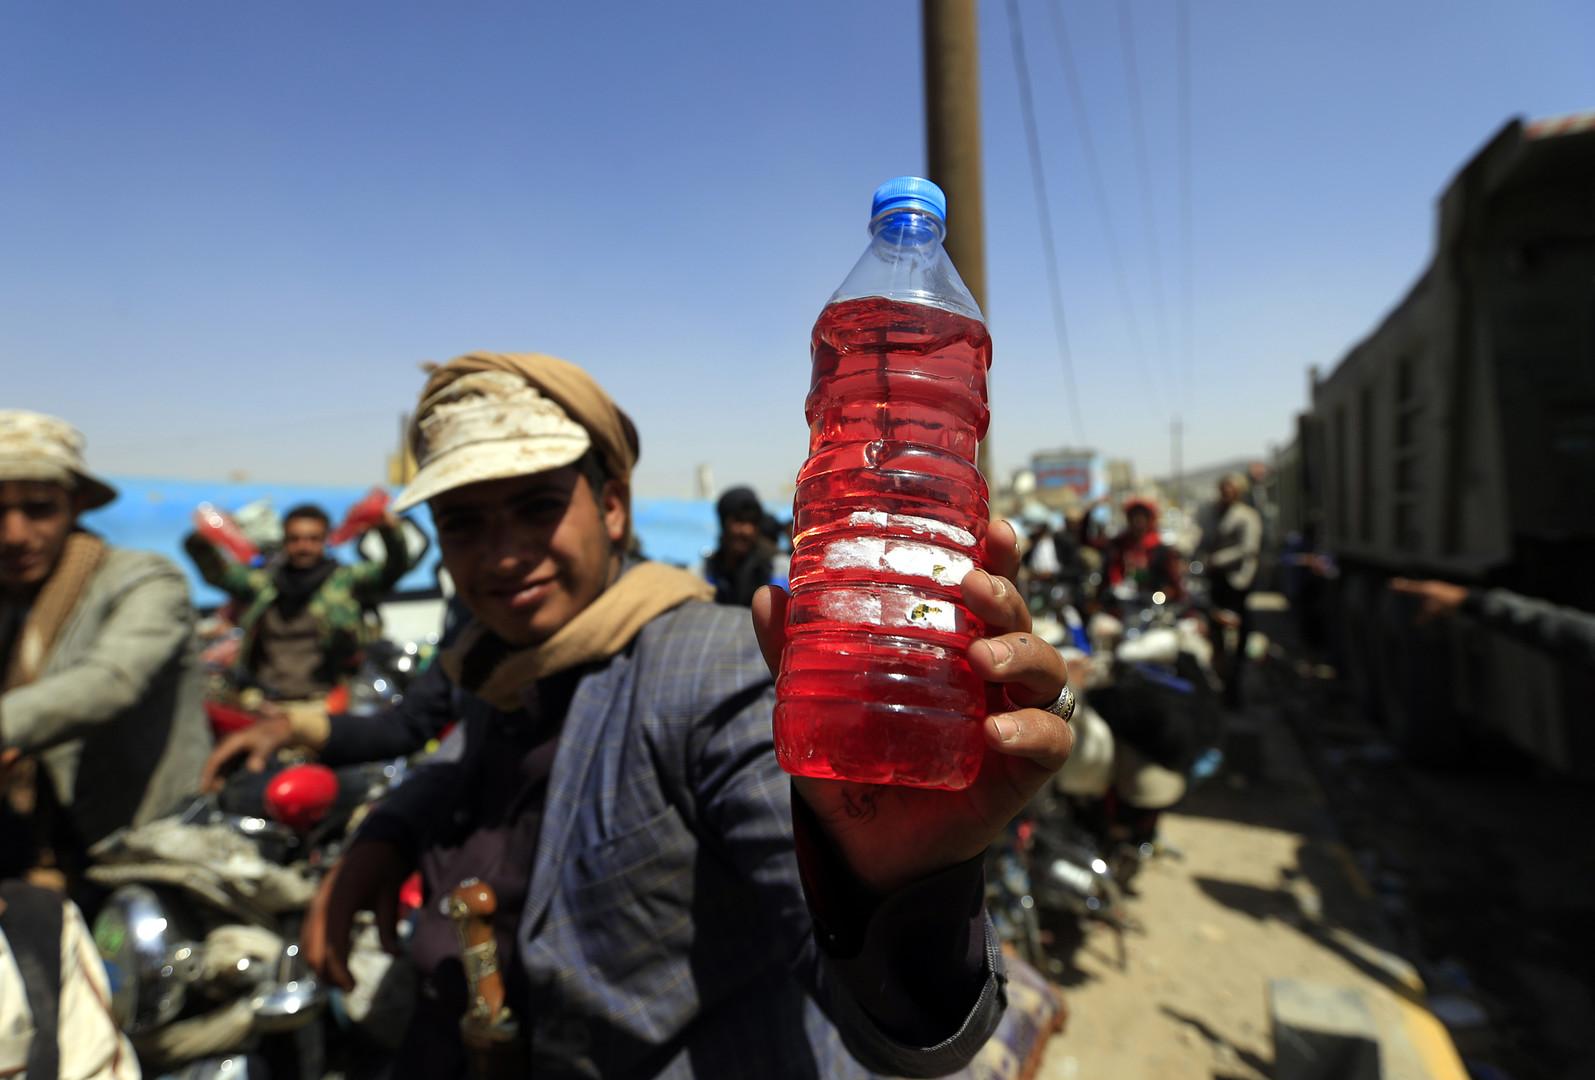 Ein jemenitischer Motorradfahrer hält eine Flasche mit Benzin, nachdem er sie am 17. September 2018 während eines Kraftstoffmangel in der Hauptstadt Sanaa an einer Tankstelle gekauft hat.